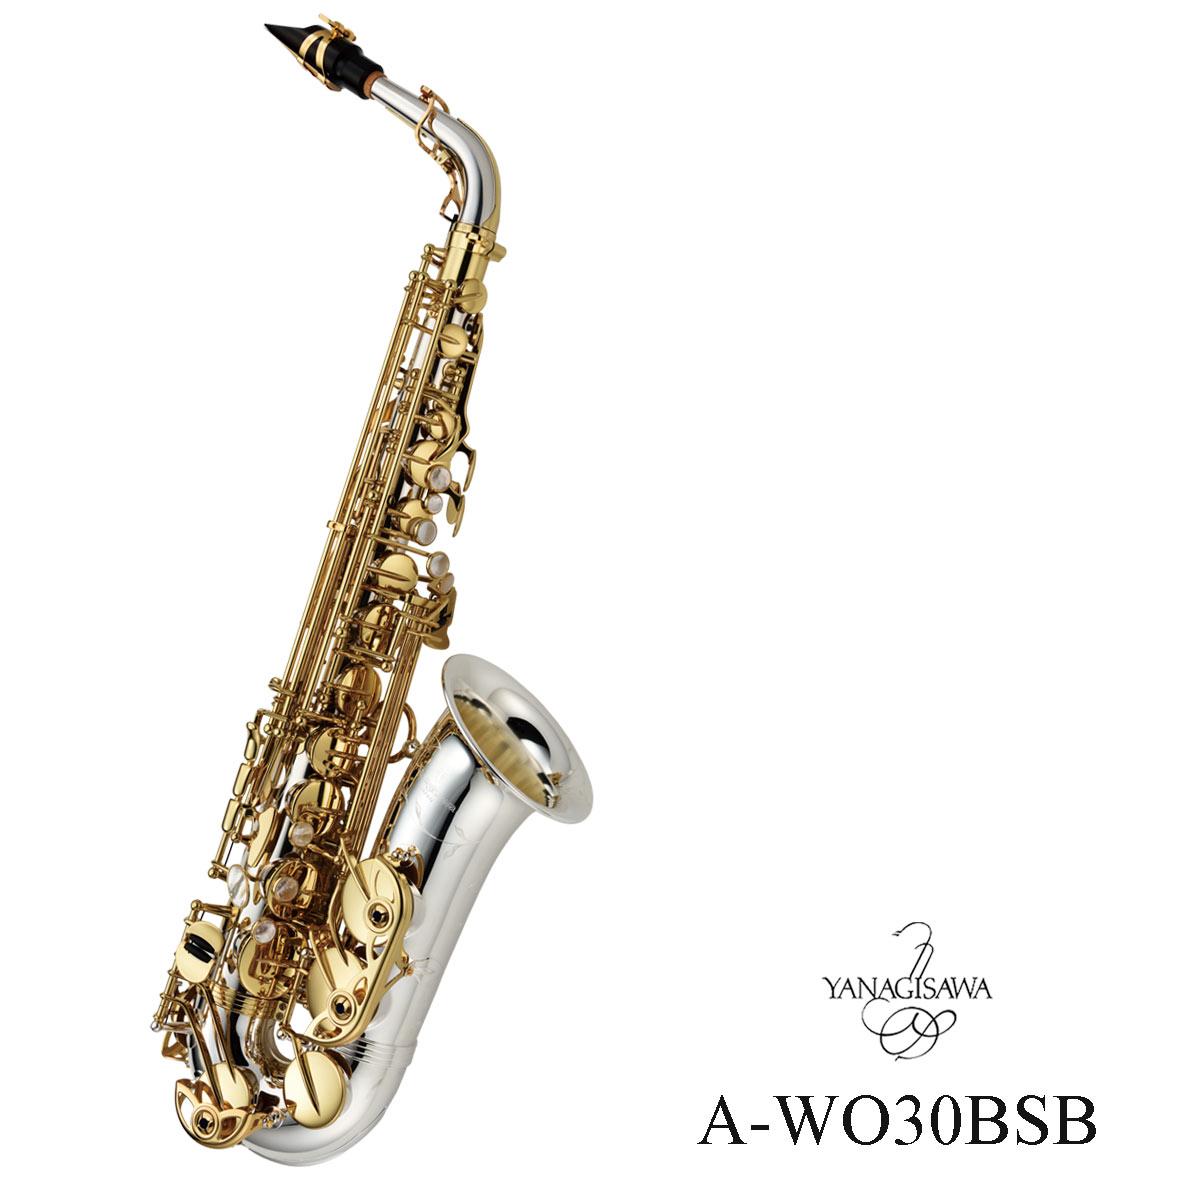 Yanagisawa / A-WO30BSB ヤナギサワ アルトサックス 数量限定《ZEN-ON90周年記念モデル》《予約注文/10月22日発売》